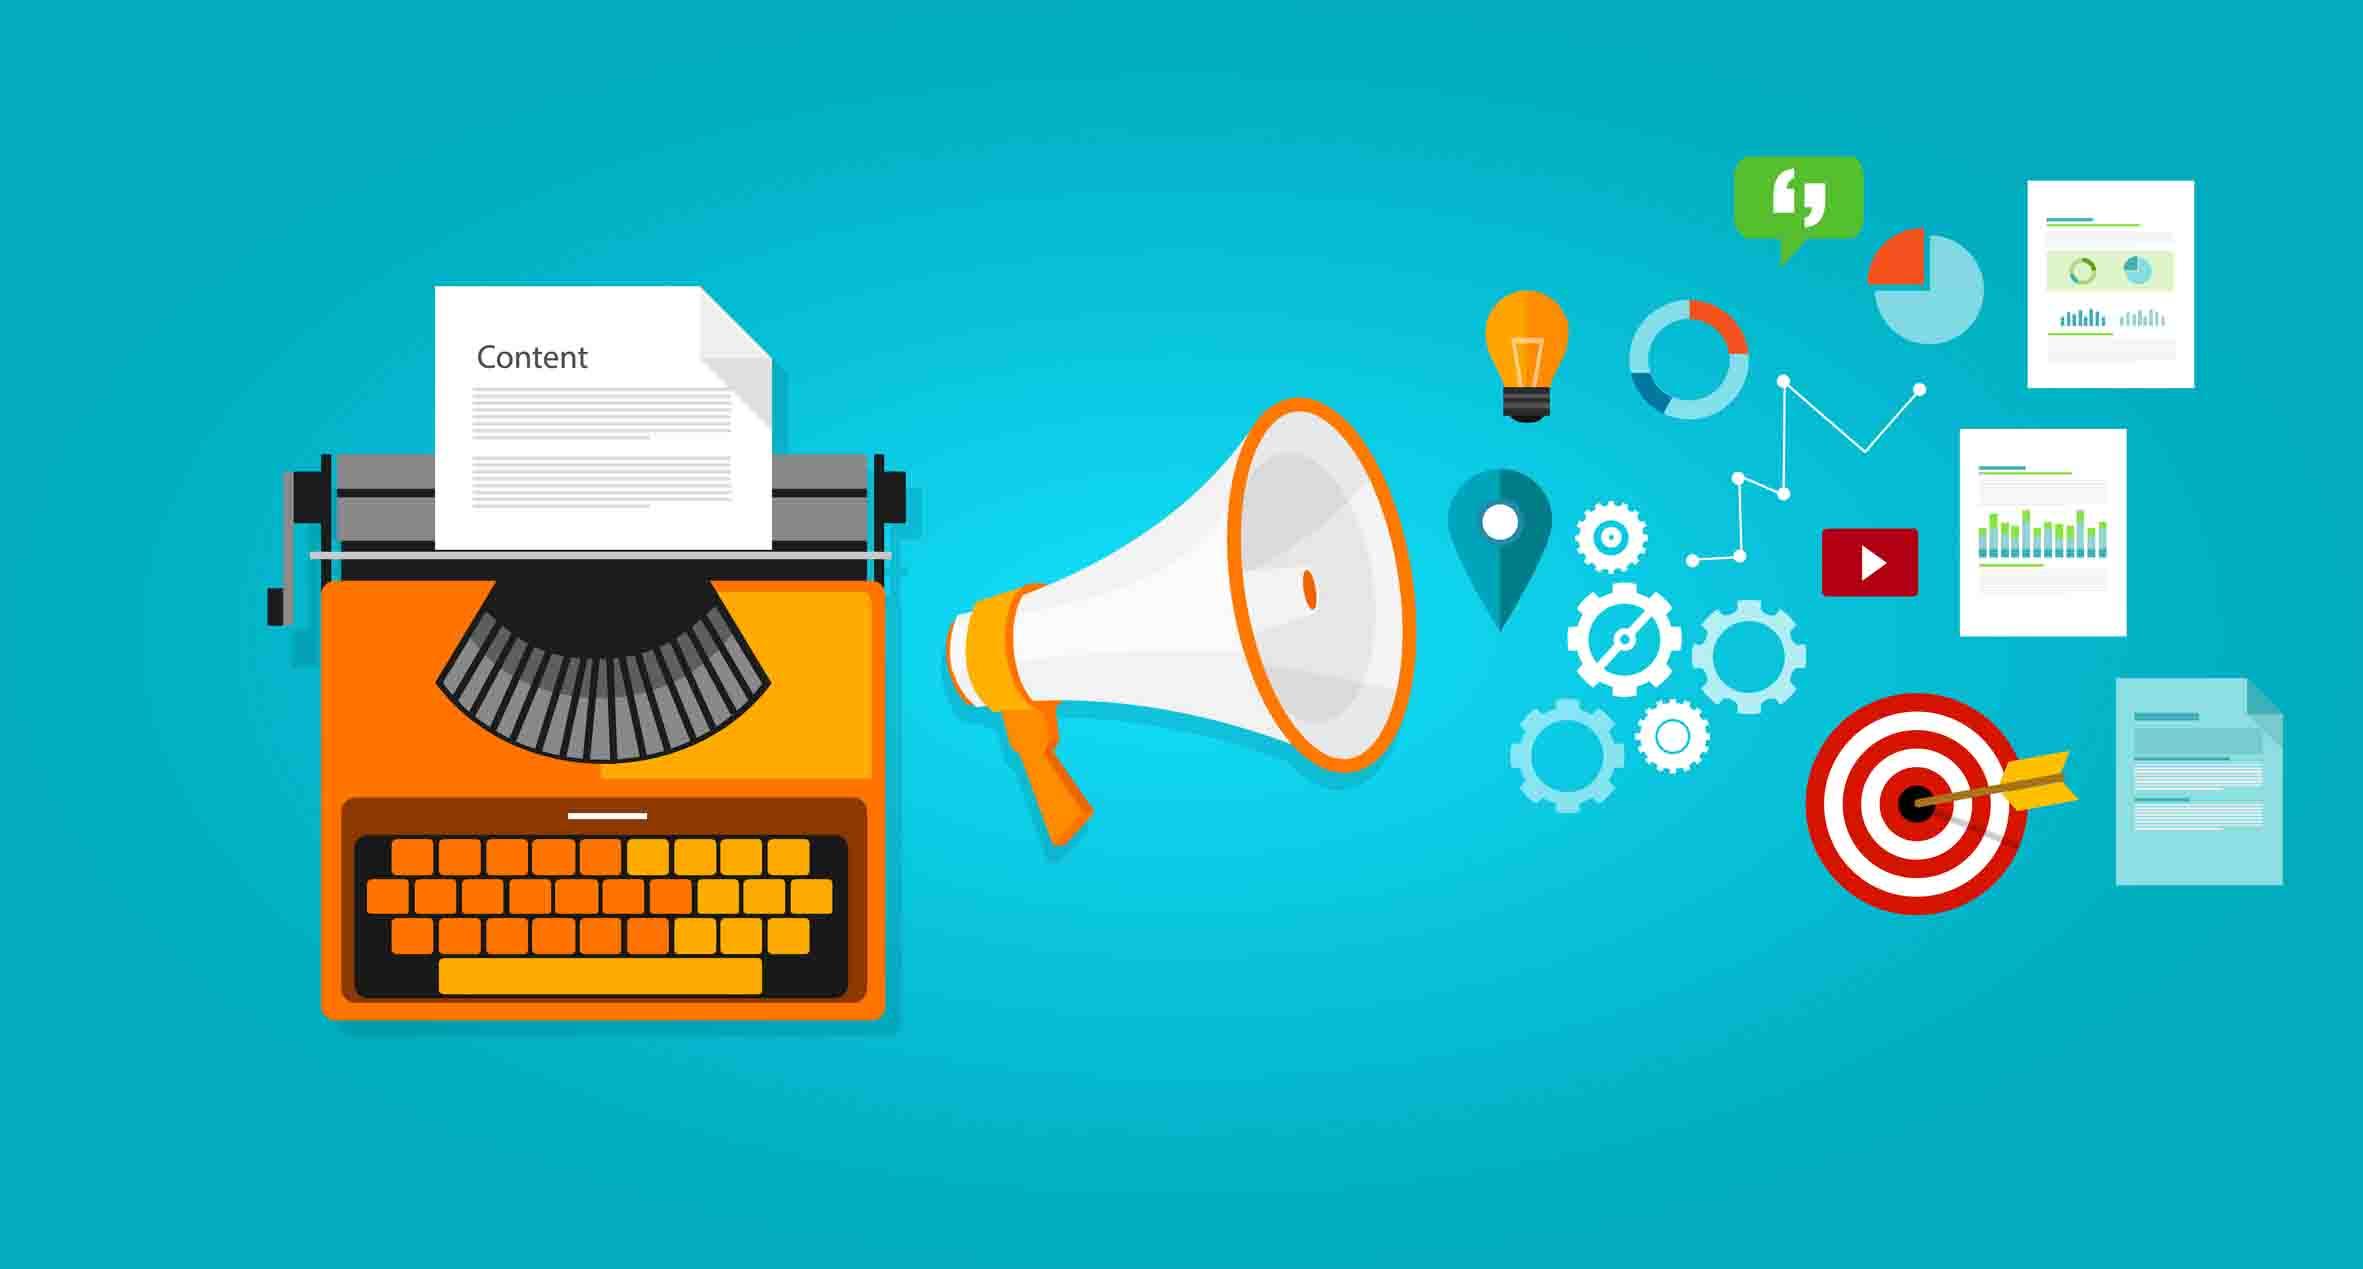 با بازاریابی محتوا به کسب و کار خود رونق بدهید+ موشن گرافیک- پایگاه اینترنتی دانستنی آنلاین ایران